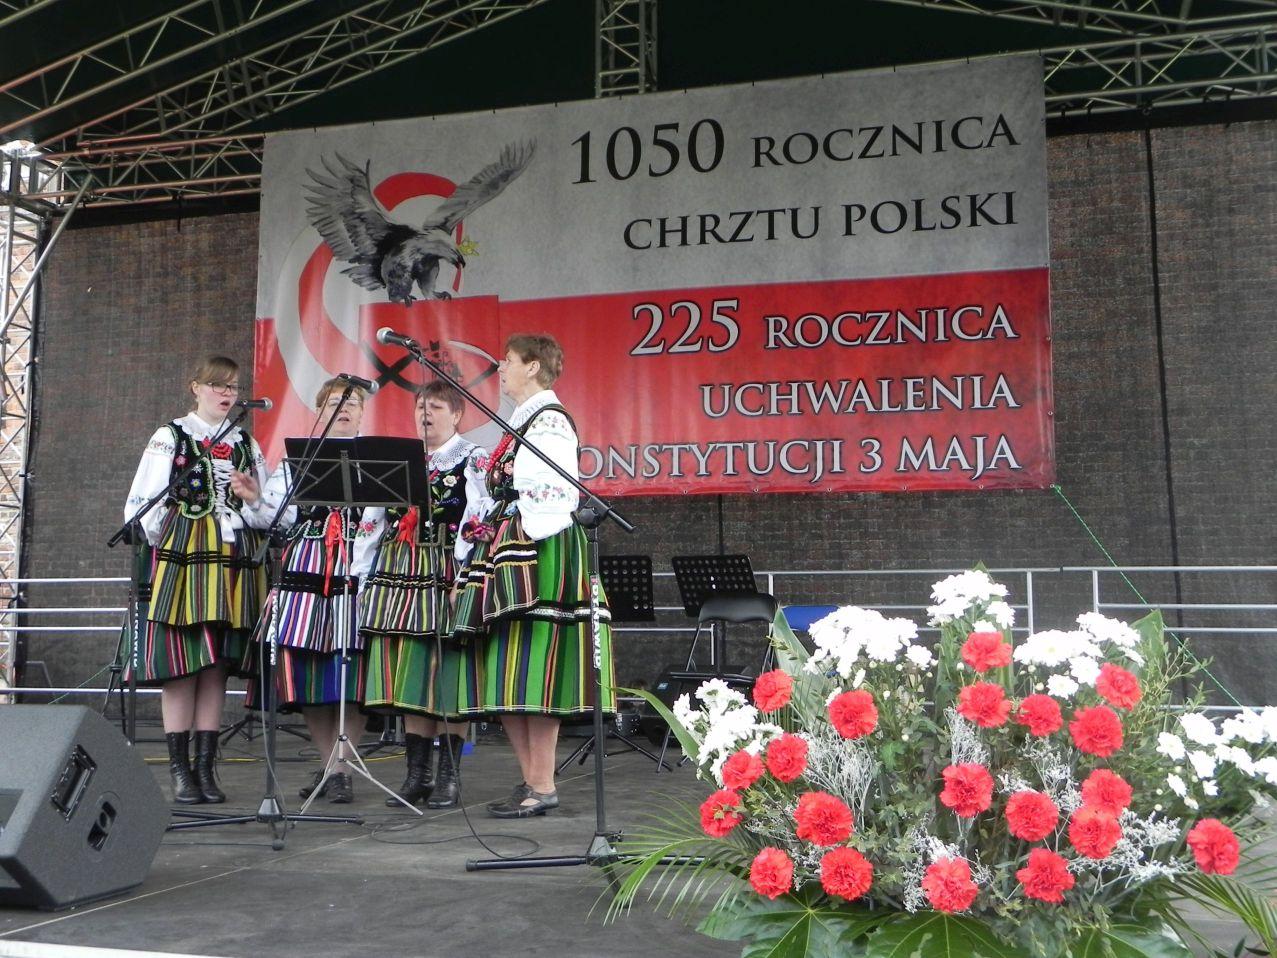 2016-05-03 Rawa Maz. - Radosne Święto (54)